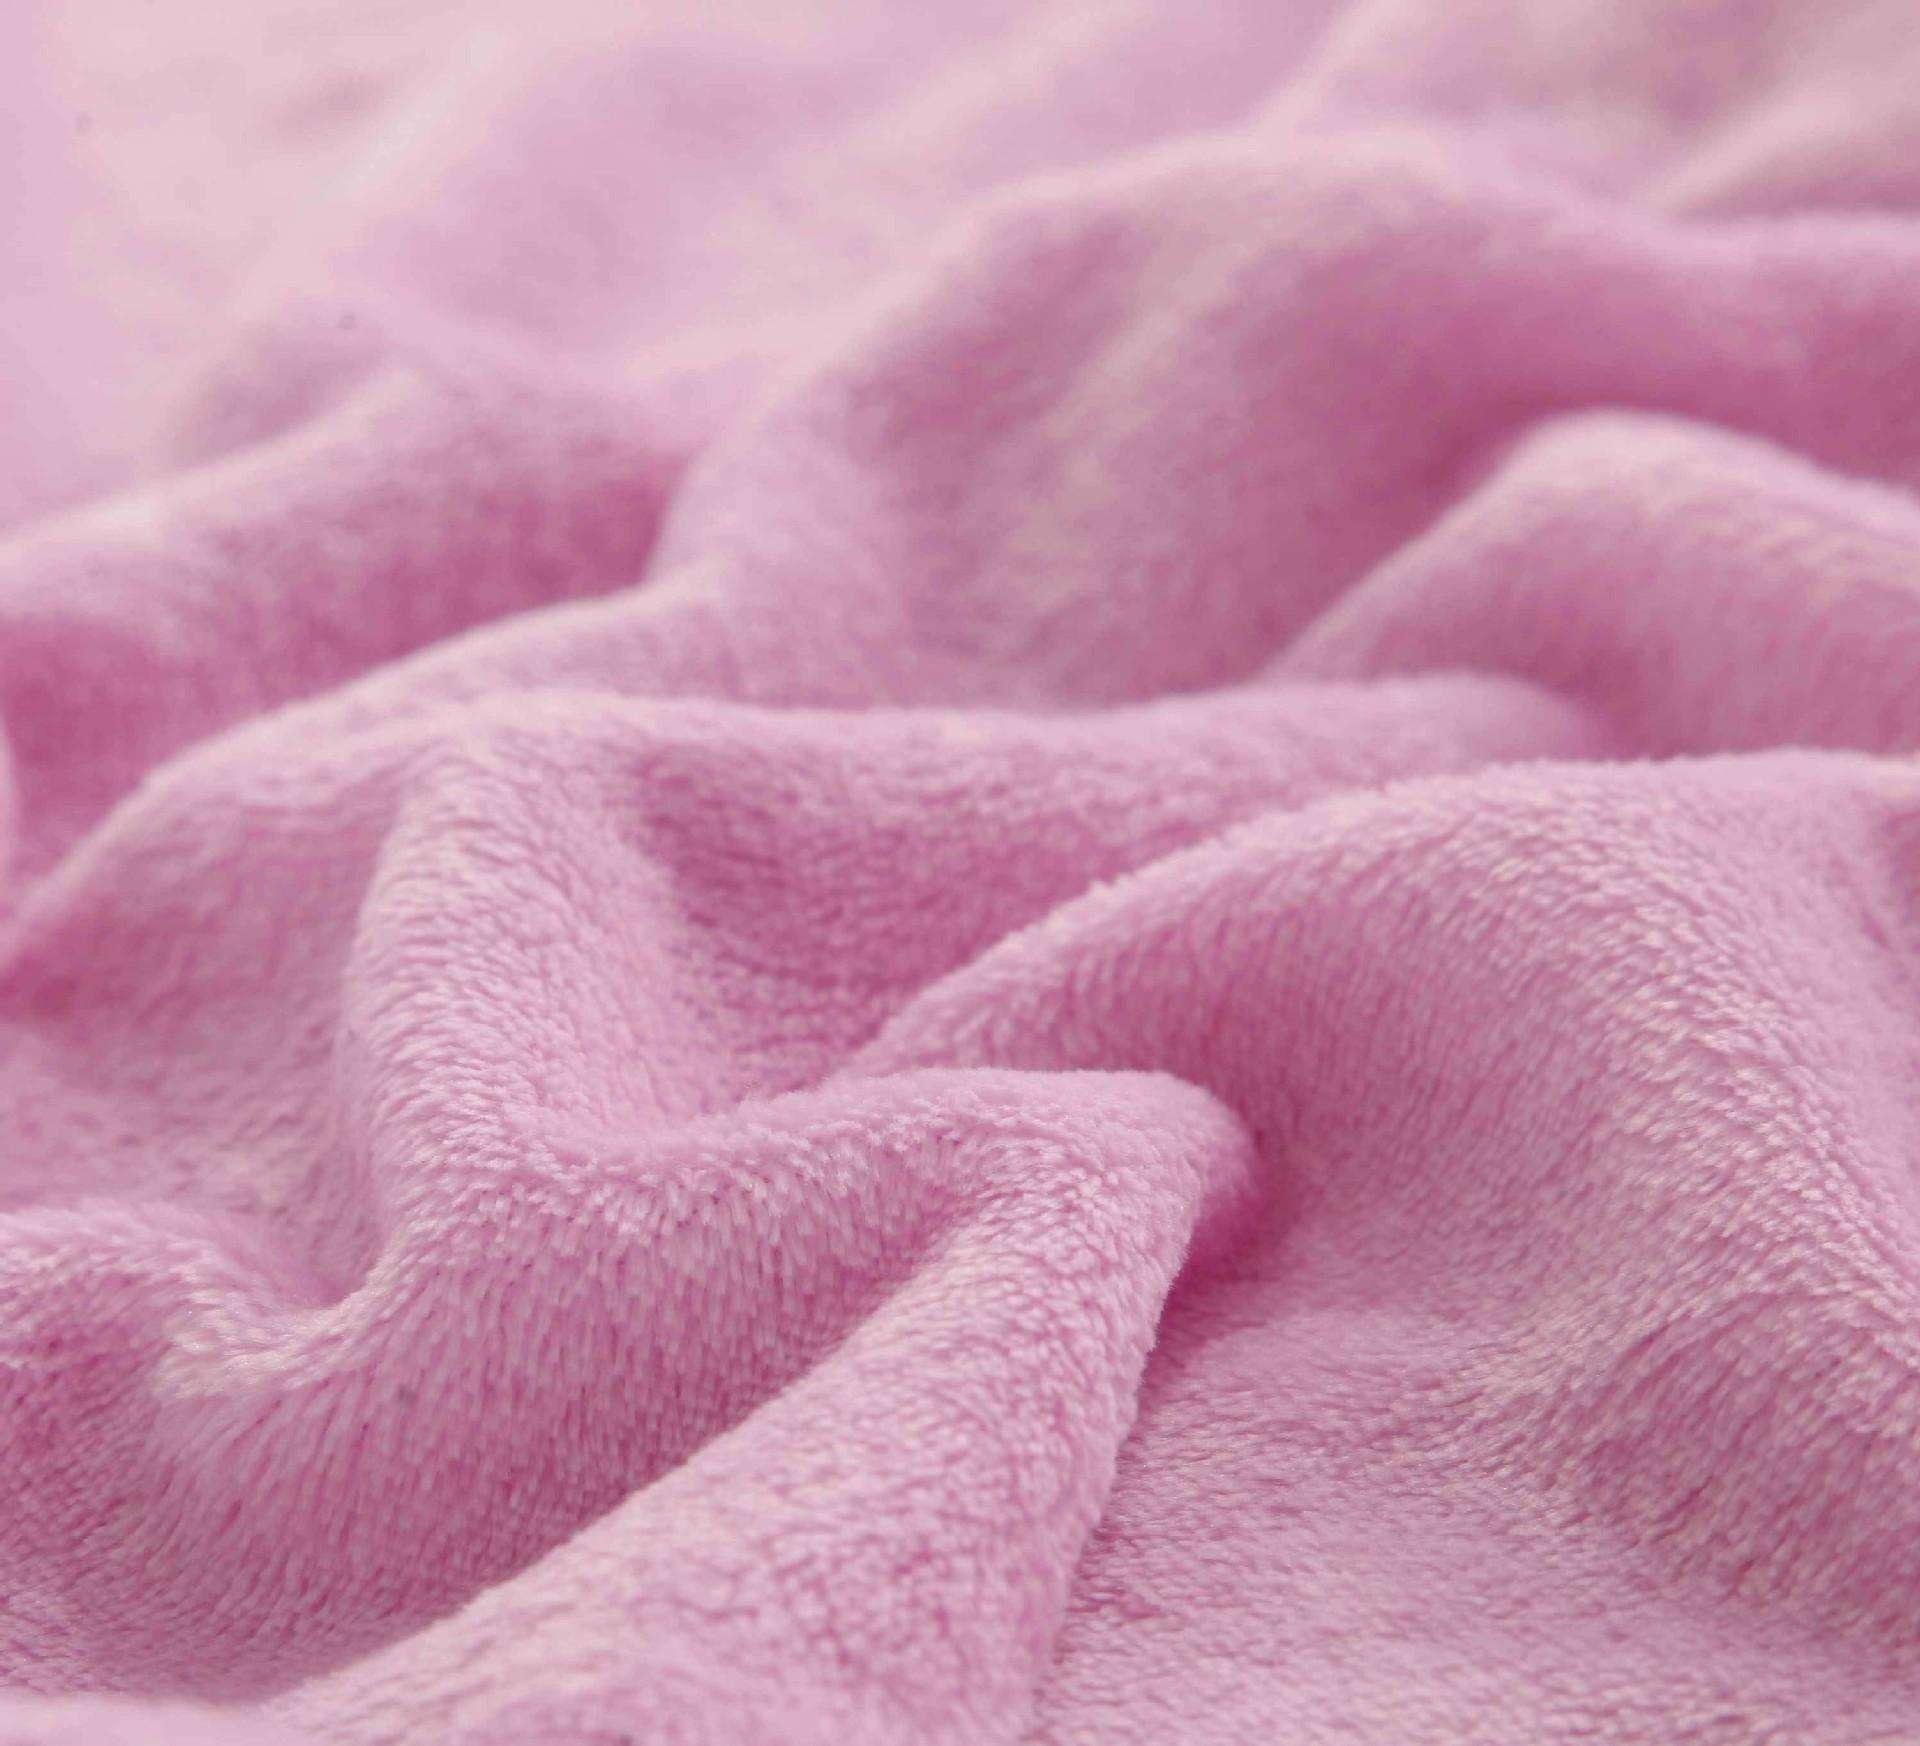 长绒棉产需双方利益如何平衡